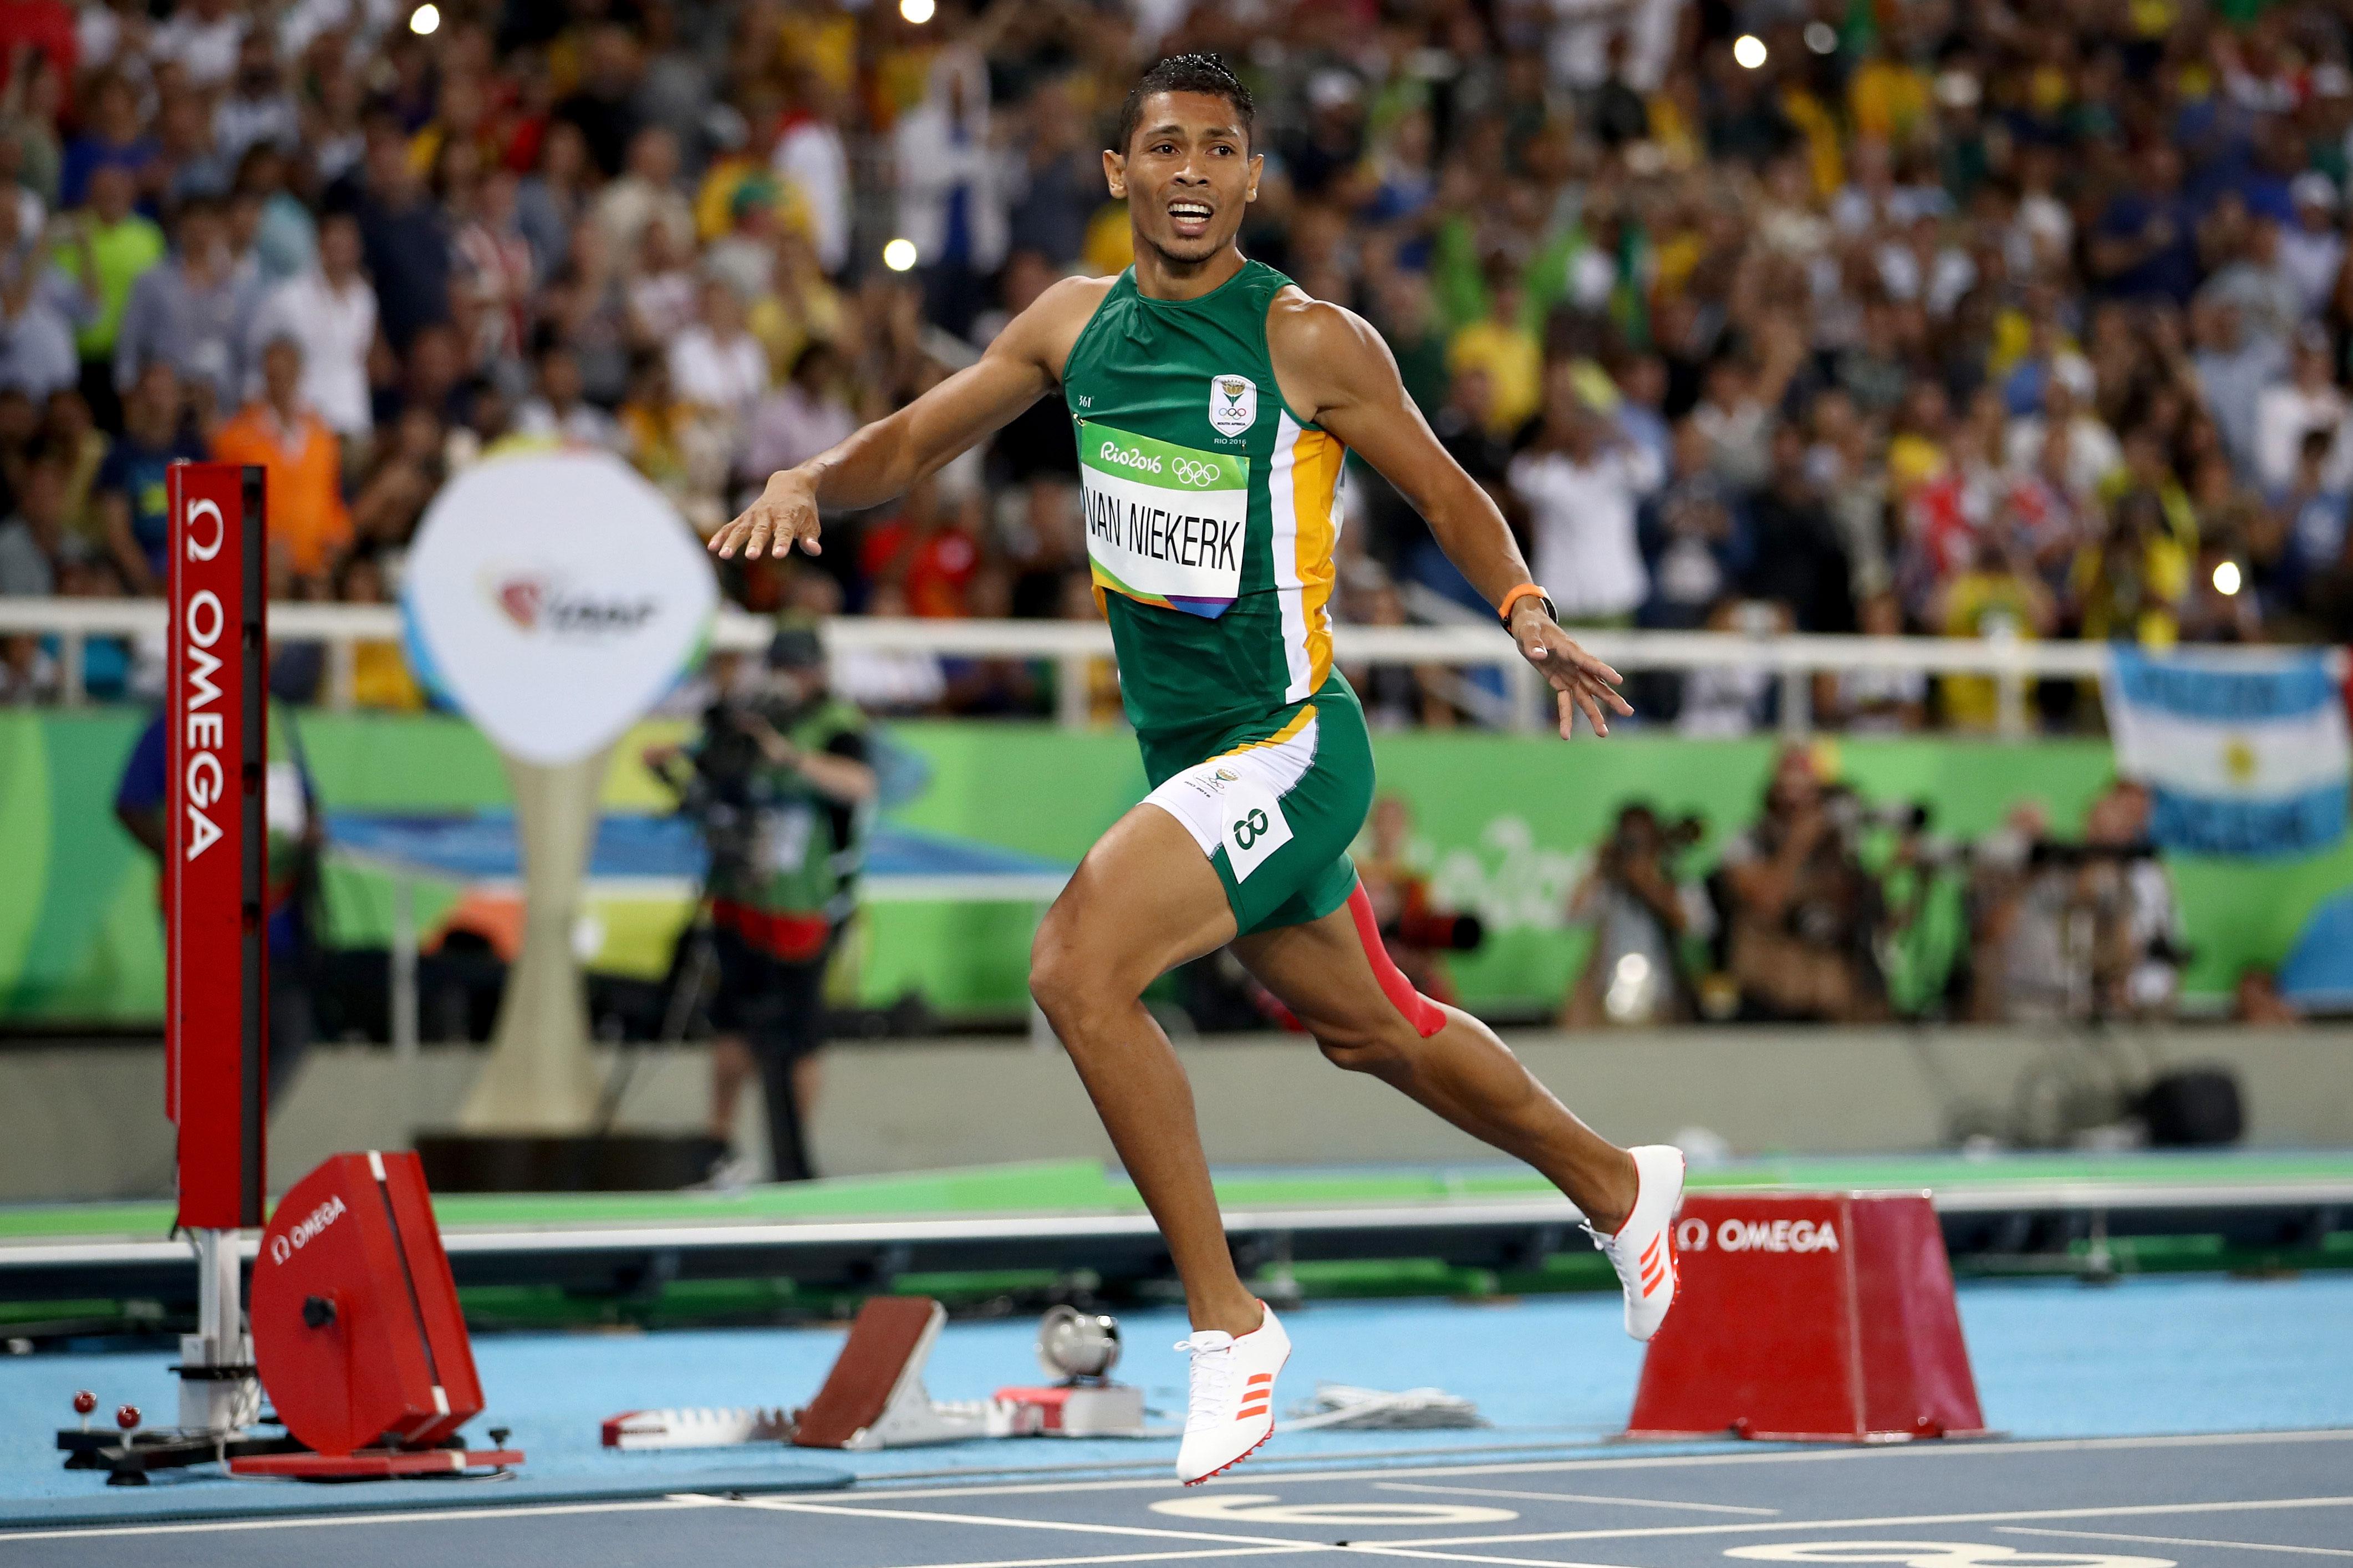 South African athlete Wayde van Niekerk crosses the finish line